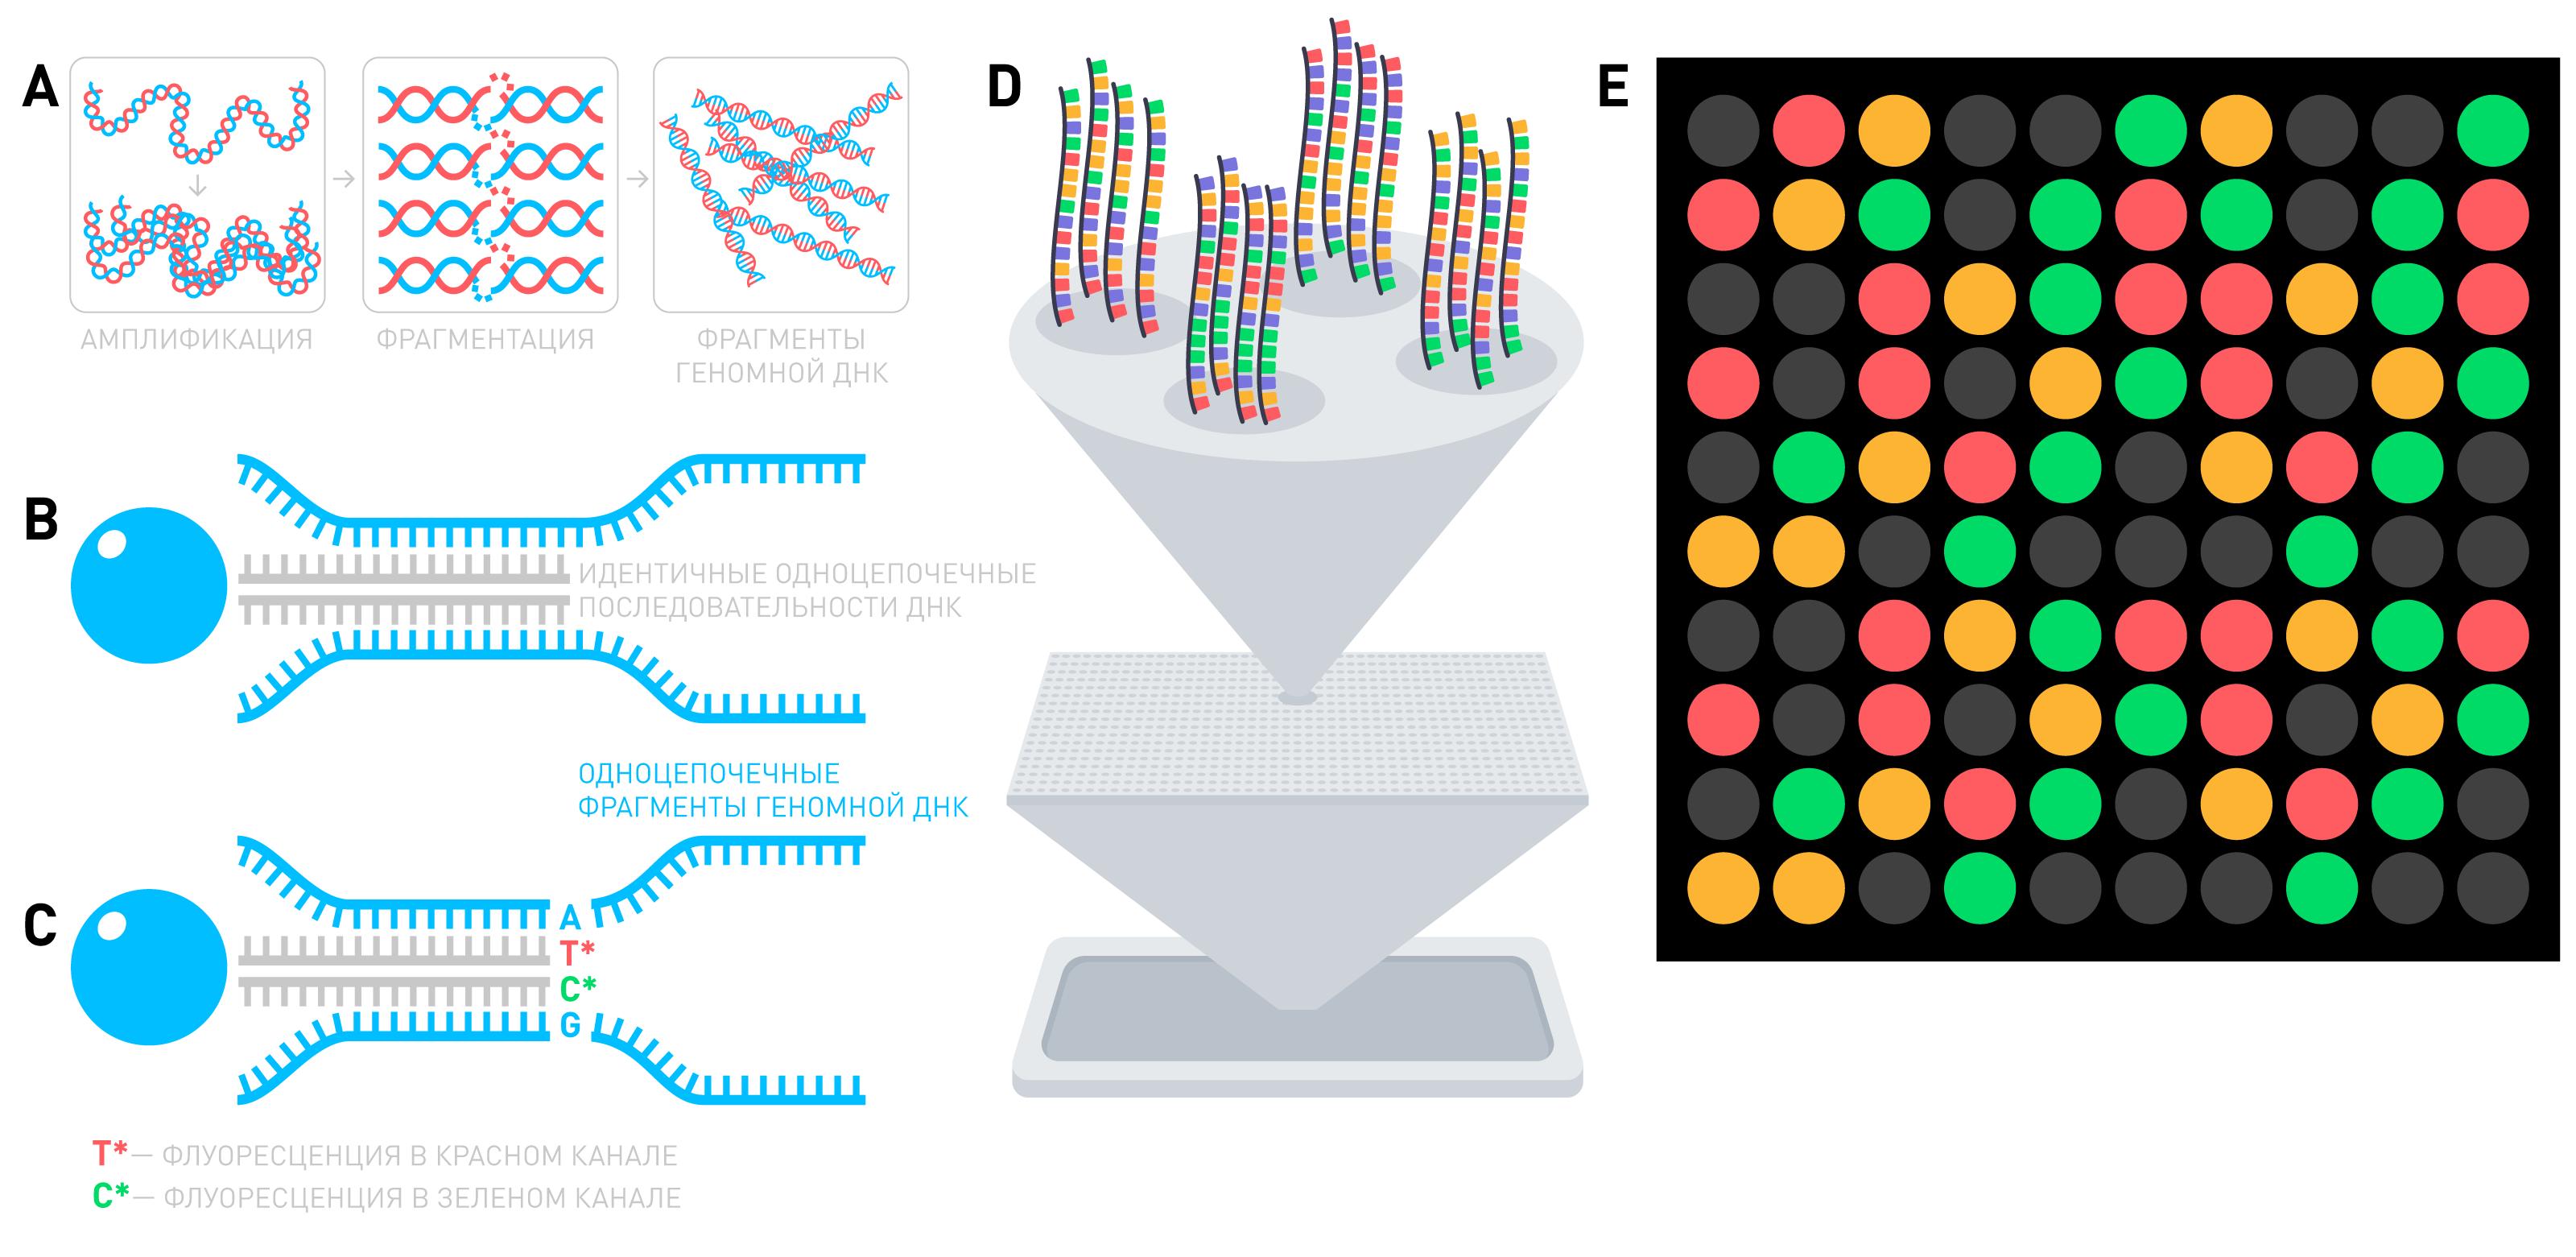 Что такое Полный геном и зачем он нужен - 3